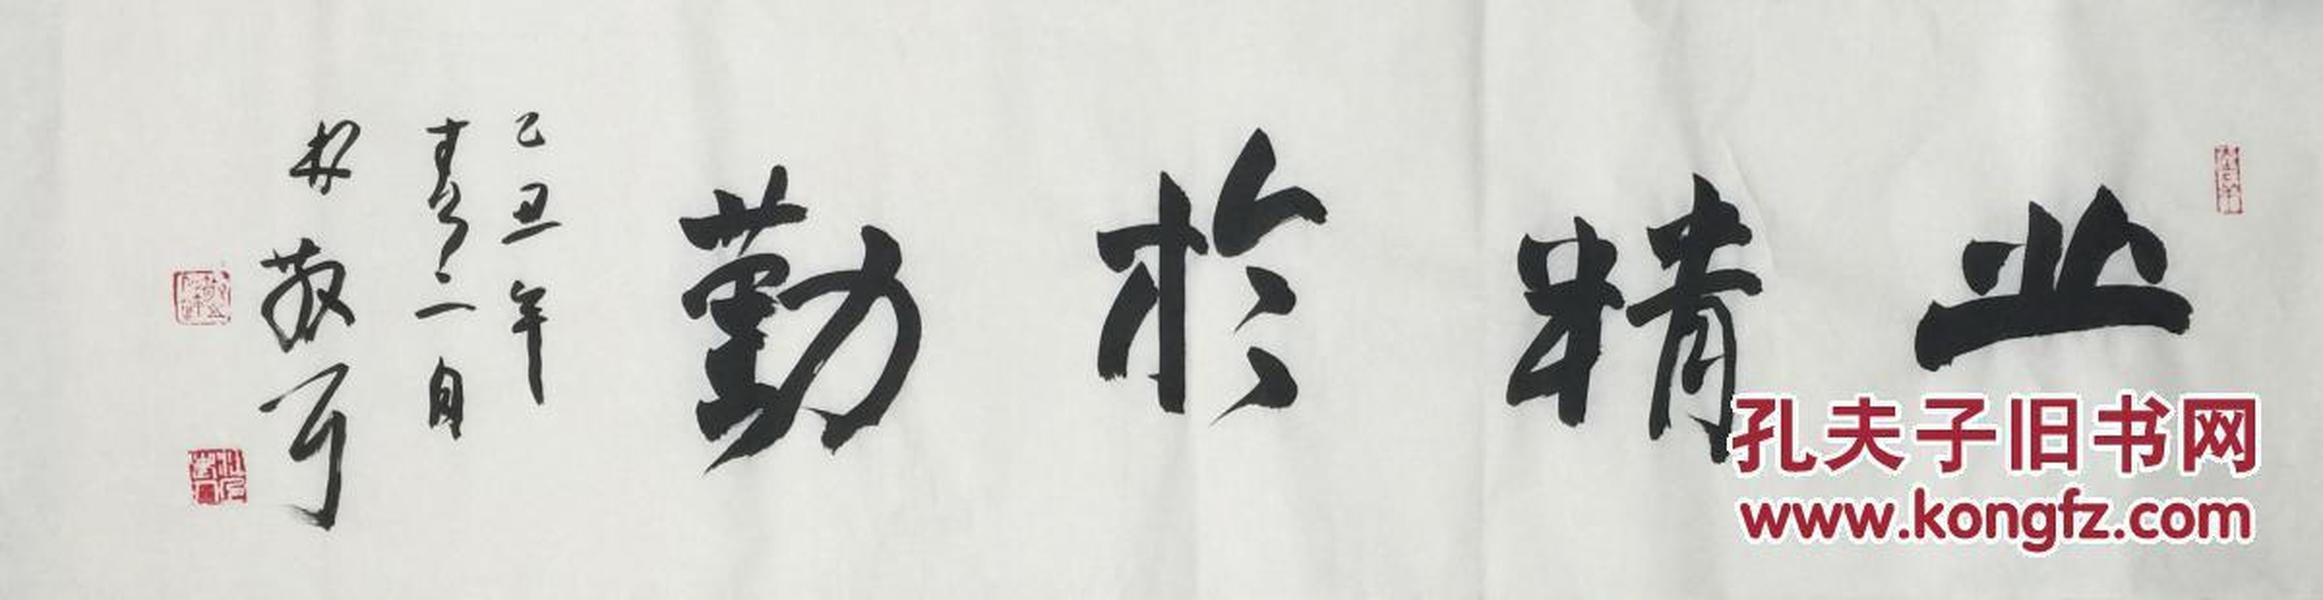 ★【顺丰包邮】【纯手绘】【林散之】书法、纯手绘、四尺对开(138*34)13★买家自鉴。